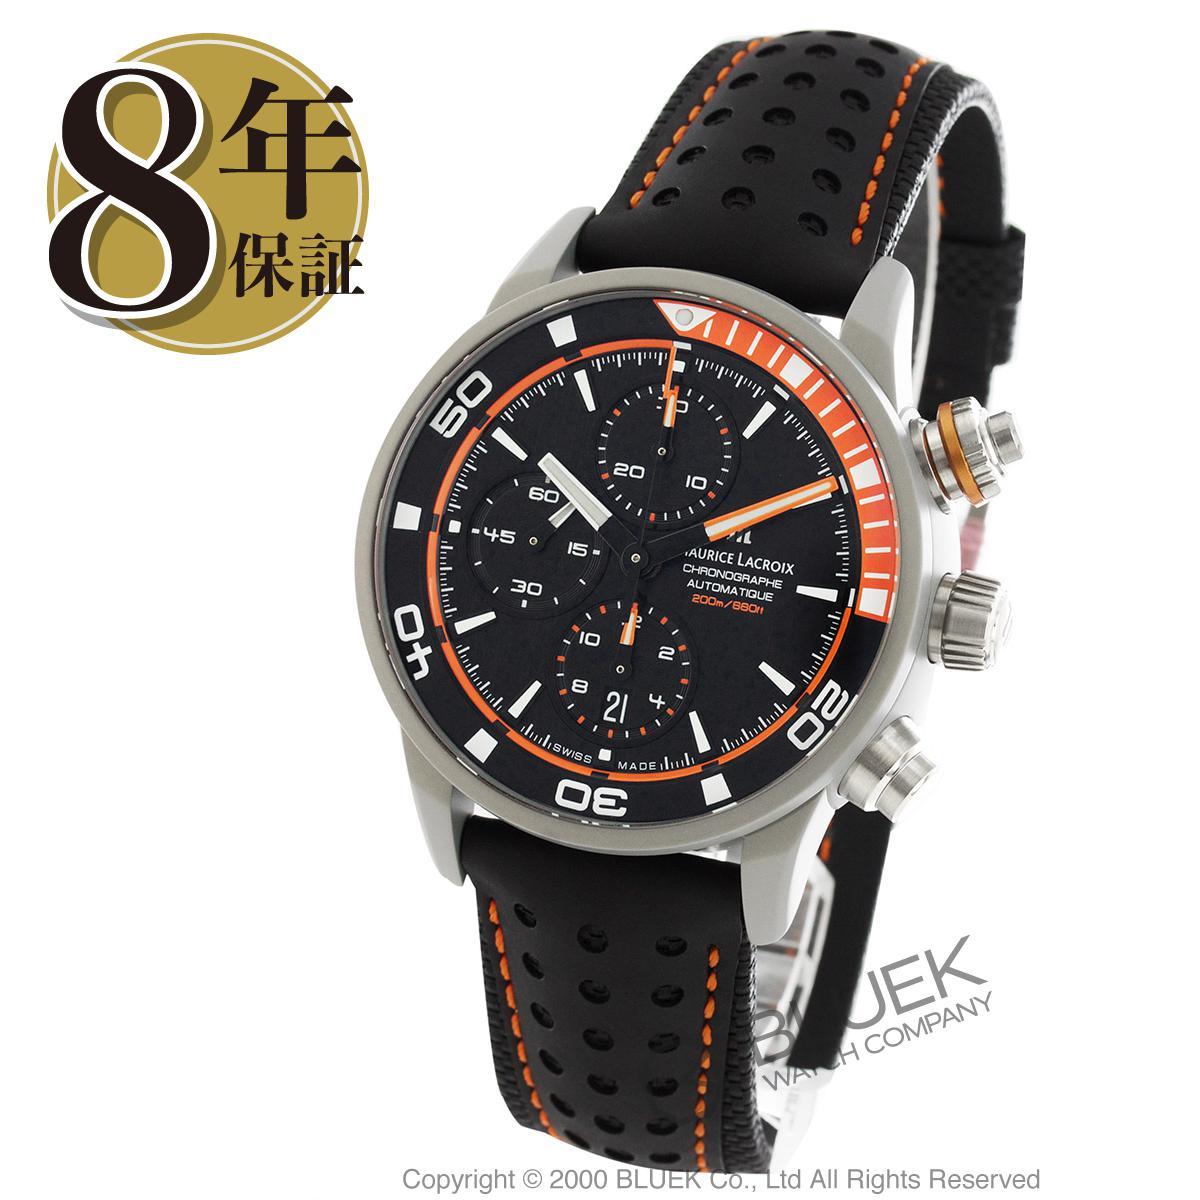 モーリス・ラクロア ポントスS エクストリーム クロノグラフ 腕時計 メンズ MAURICE LACROIX PT6028-ALB31-331_8